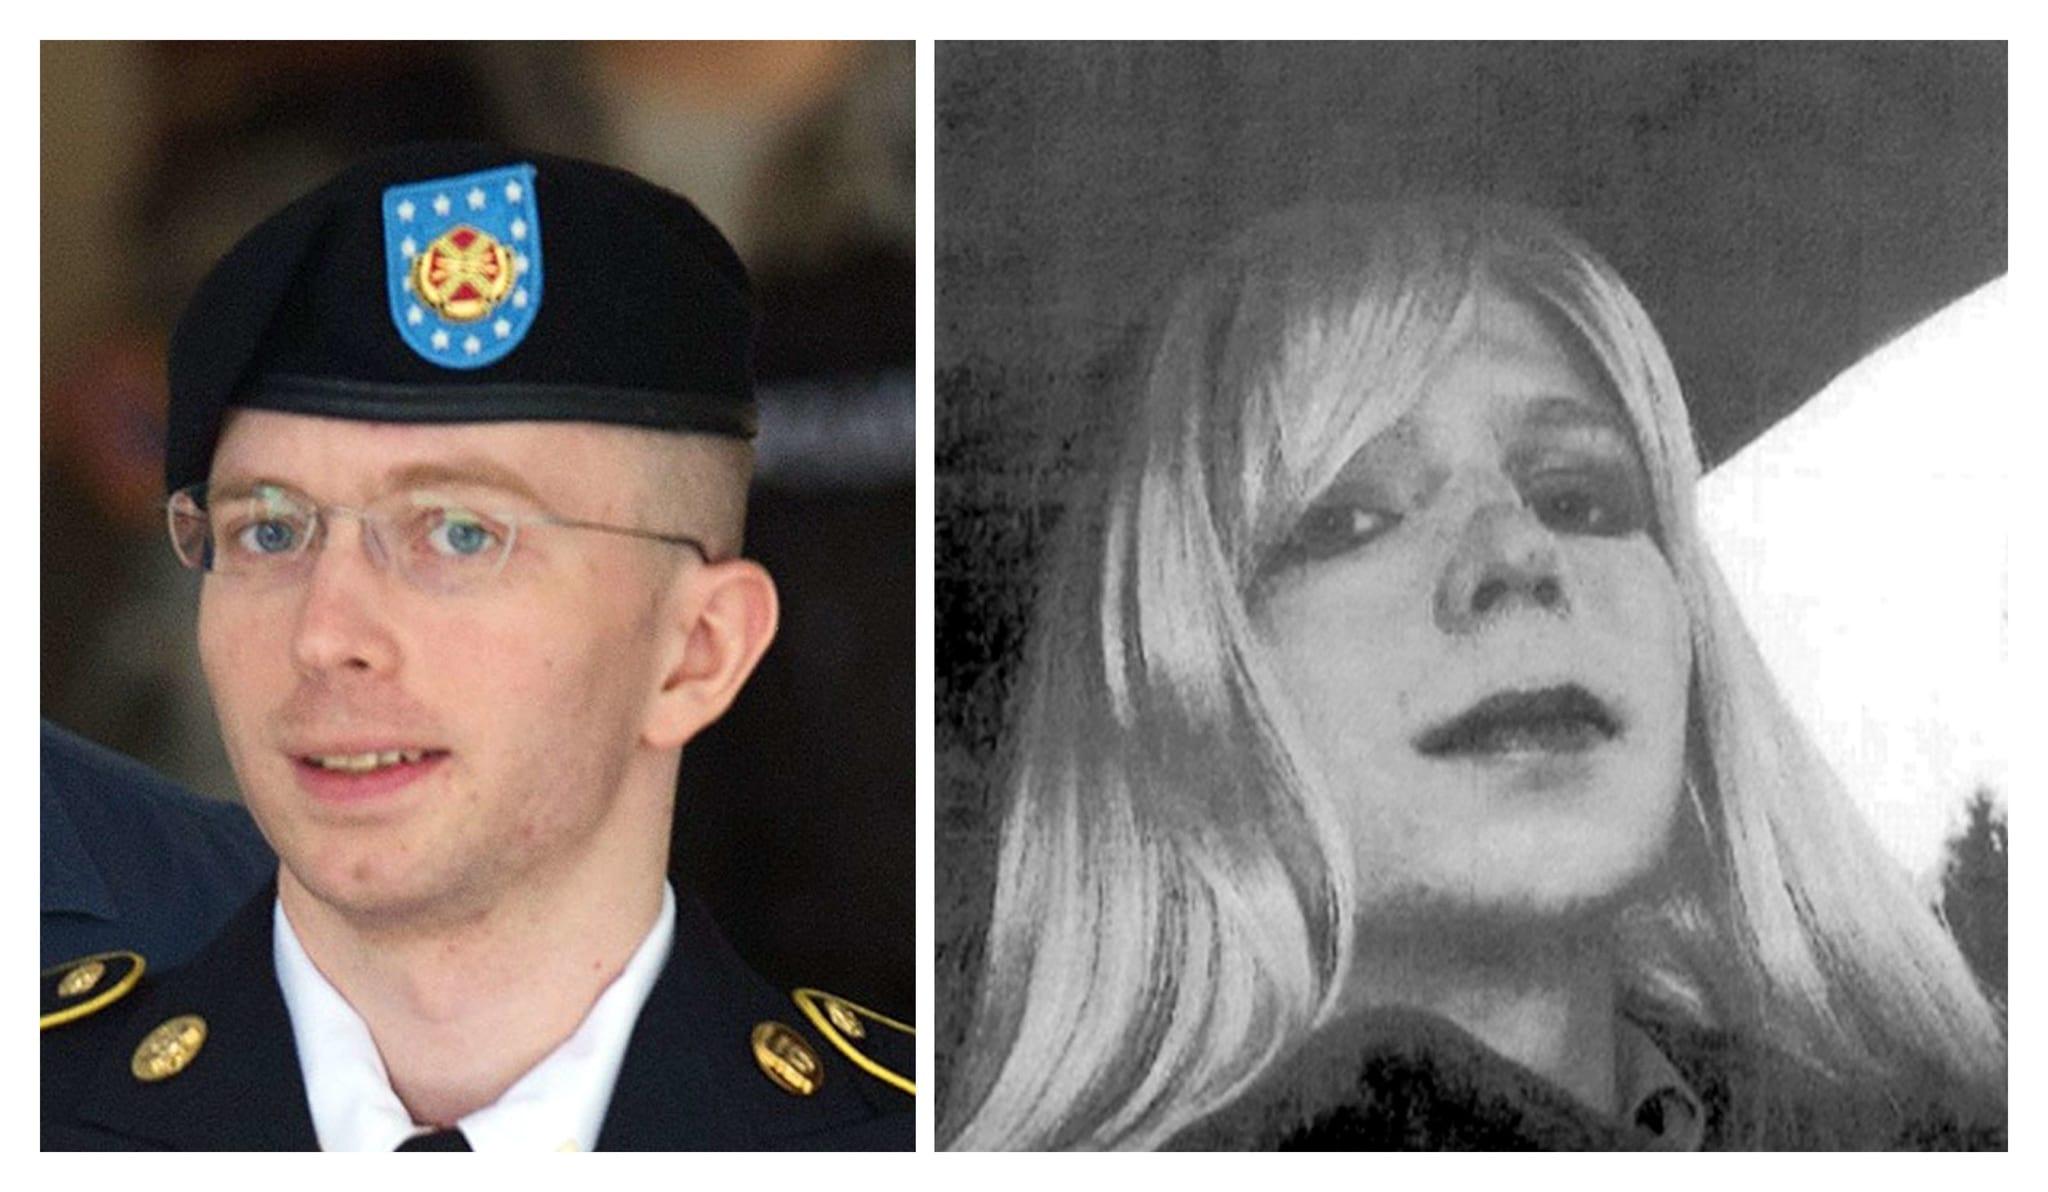 Chelsea Manning, a militar norte-americana que foi condenada a 35 anos de prisão por transmitir documentos confidenciais à WikiLeaks.